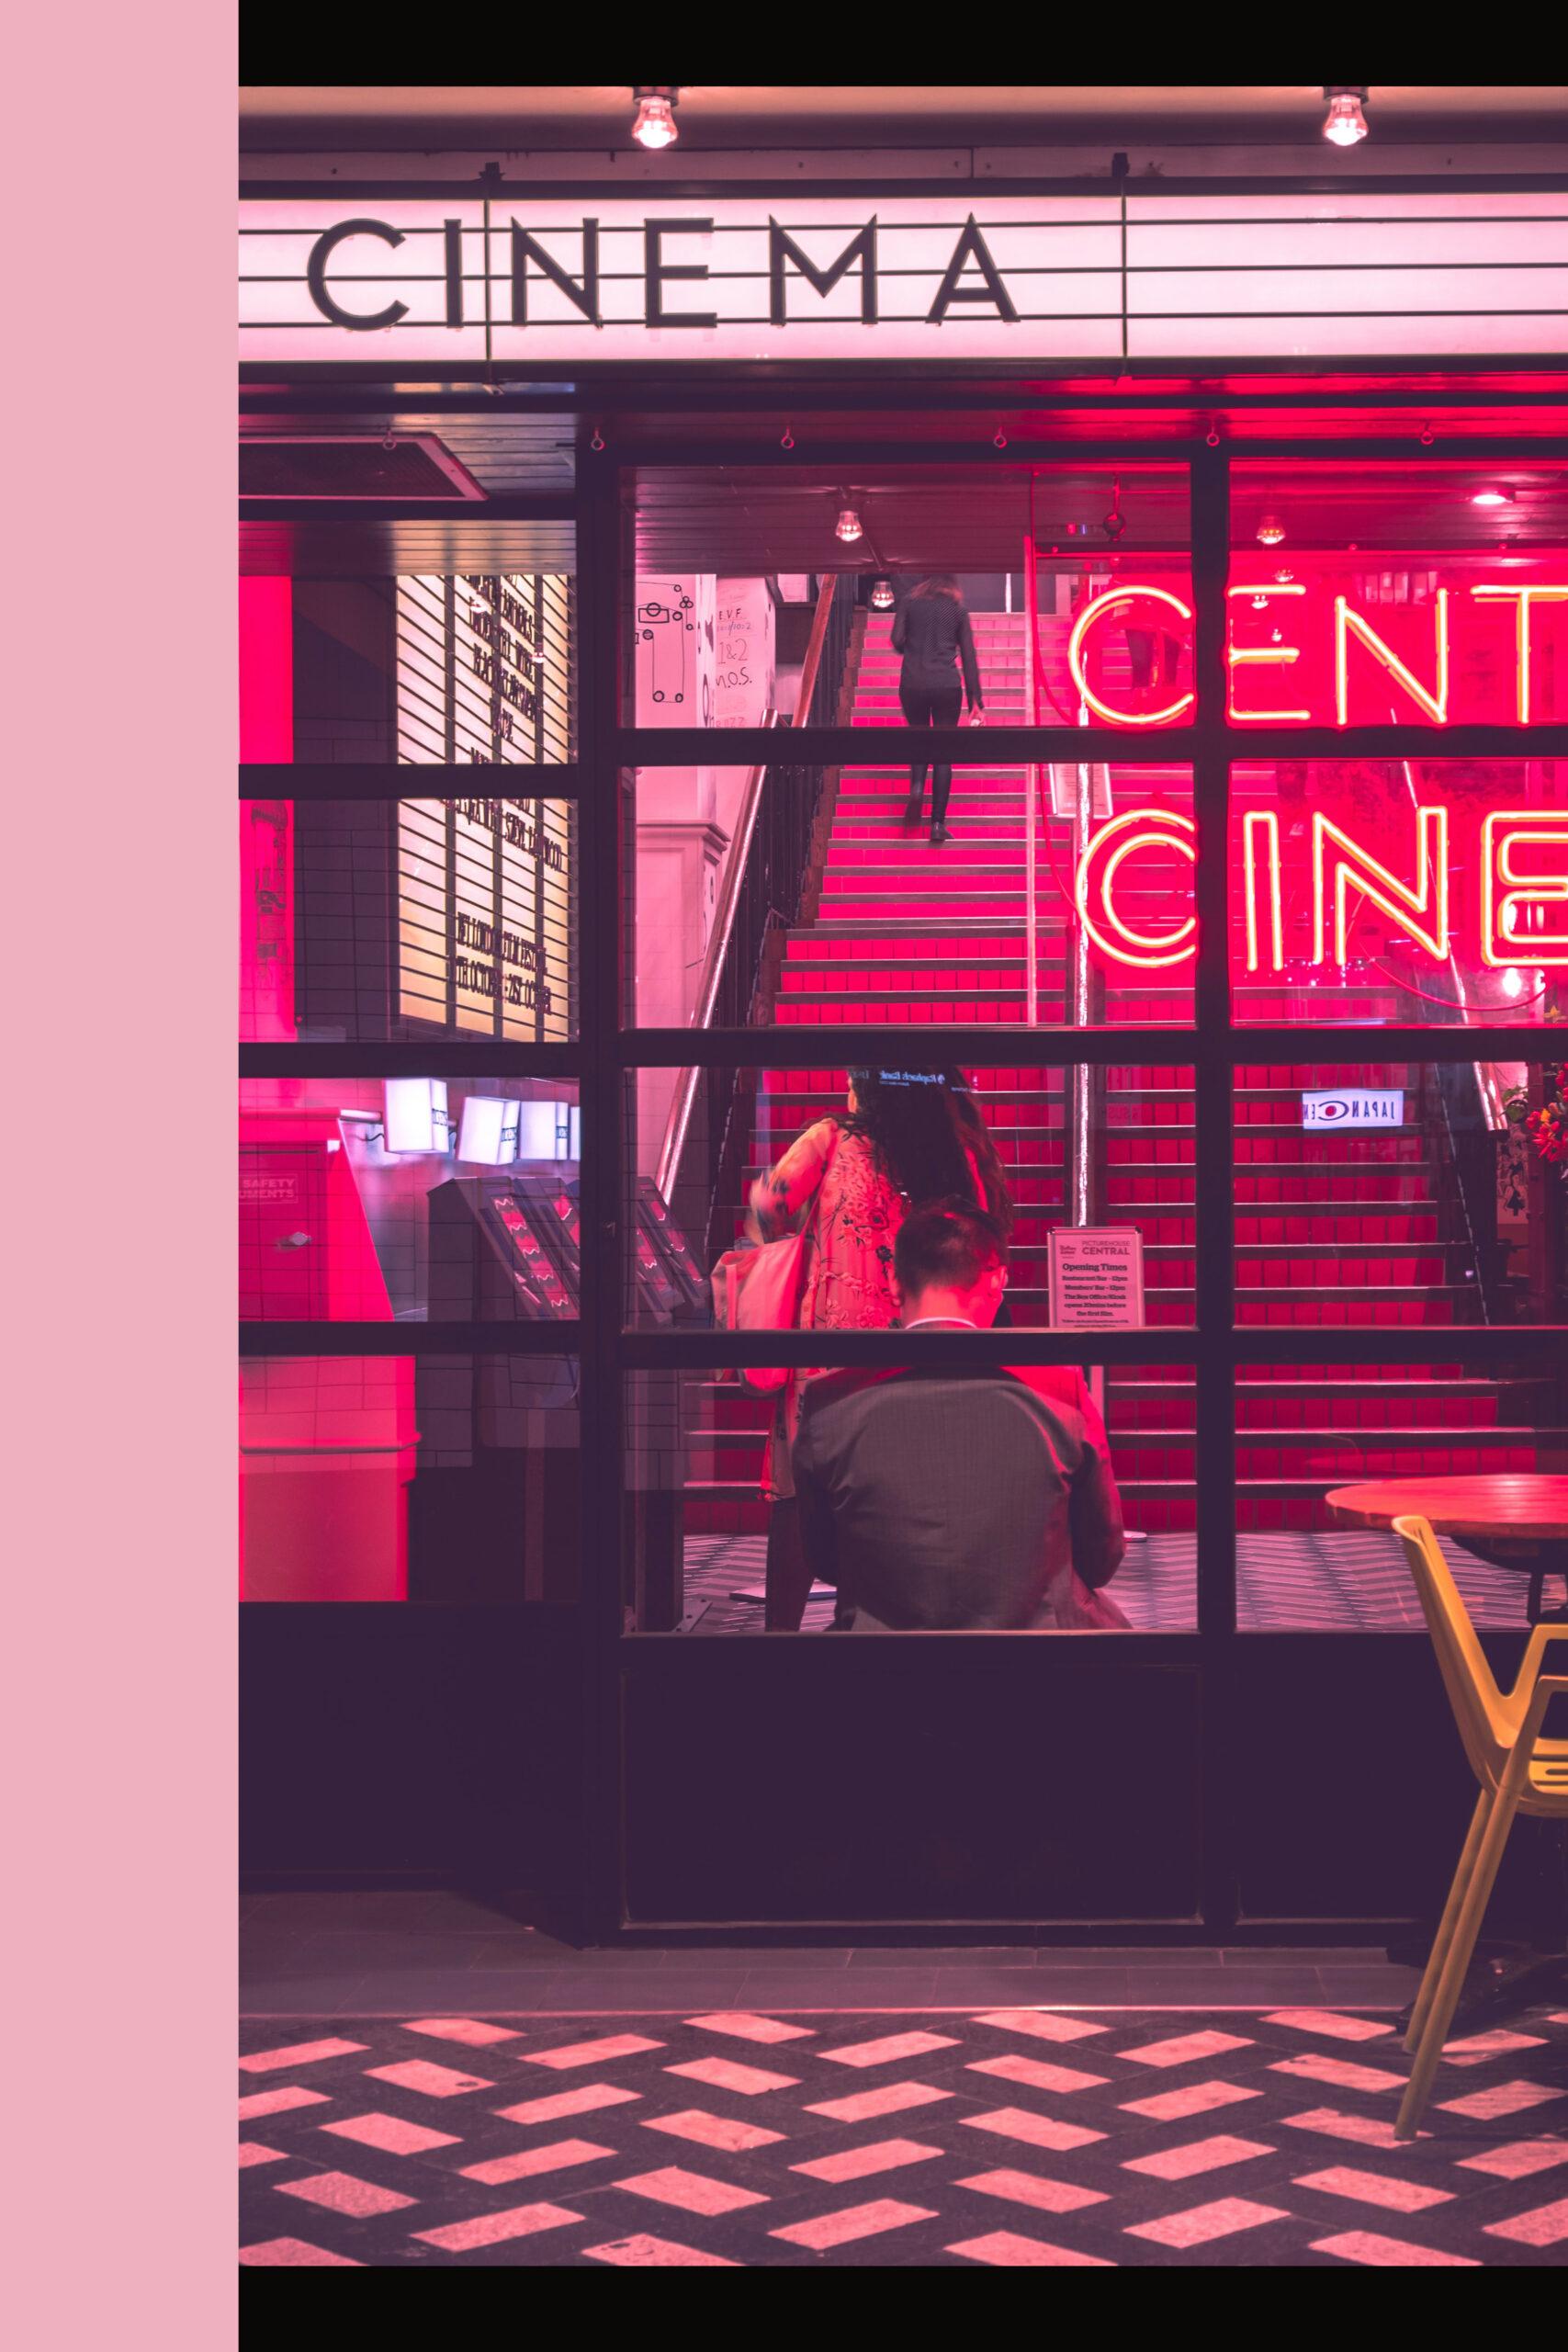 Everyman Cinemas